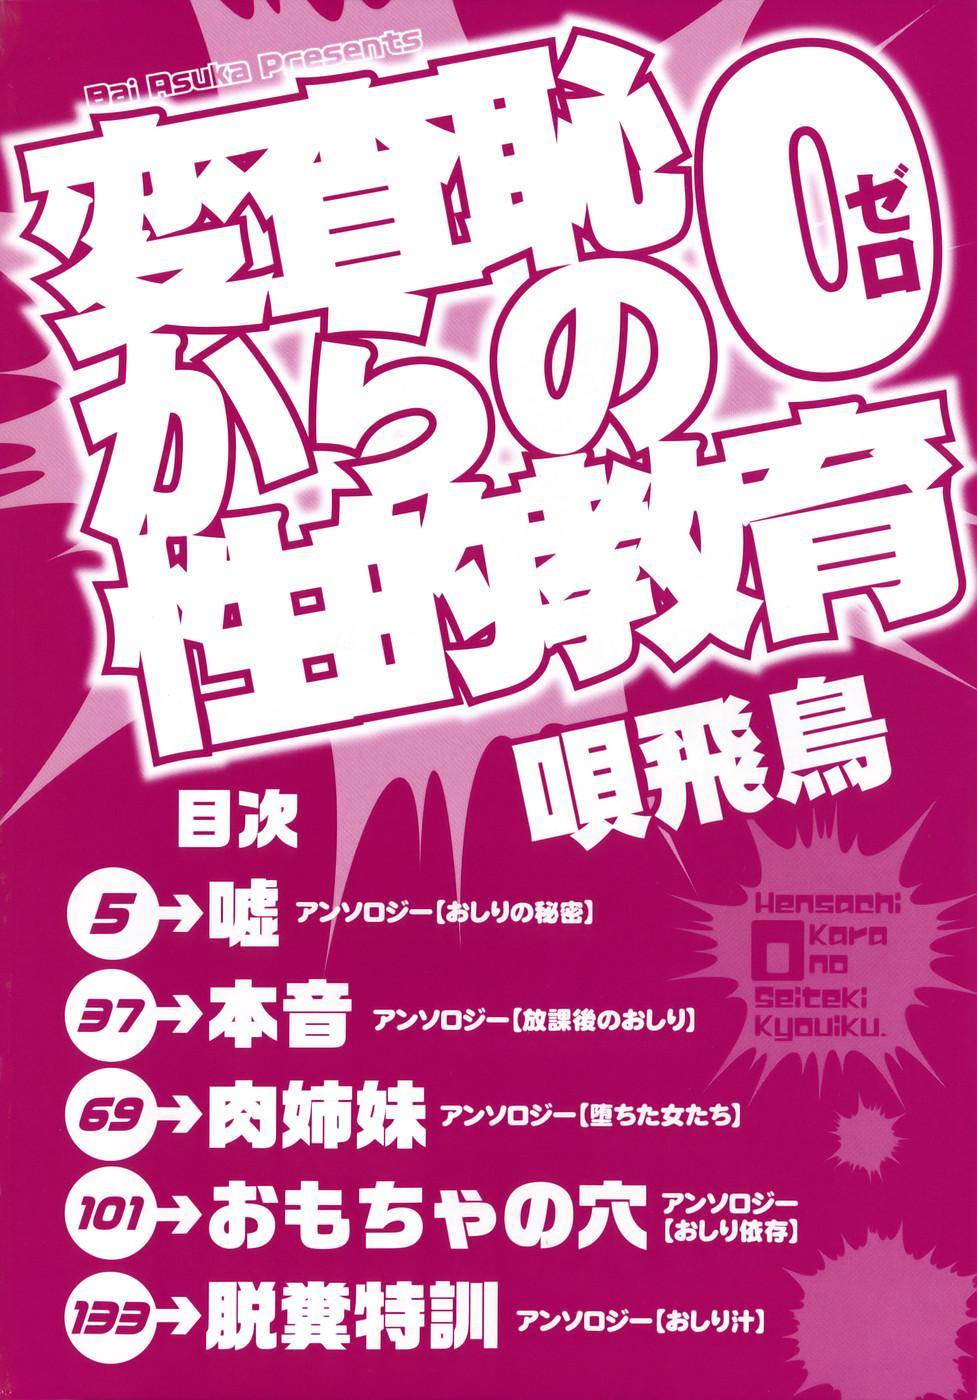 Hensachi ZERO kara no Seiteki Kyouiku 3